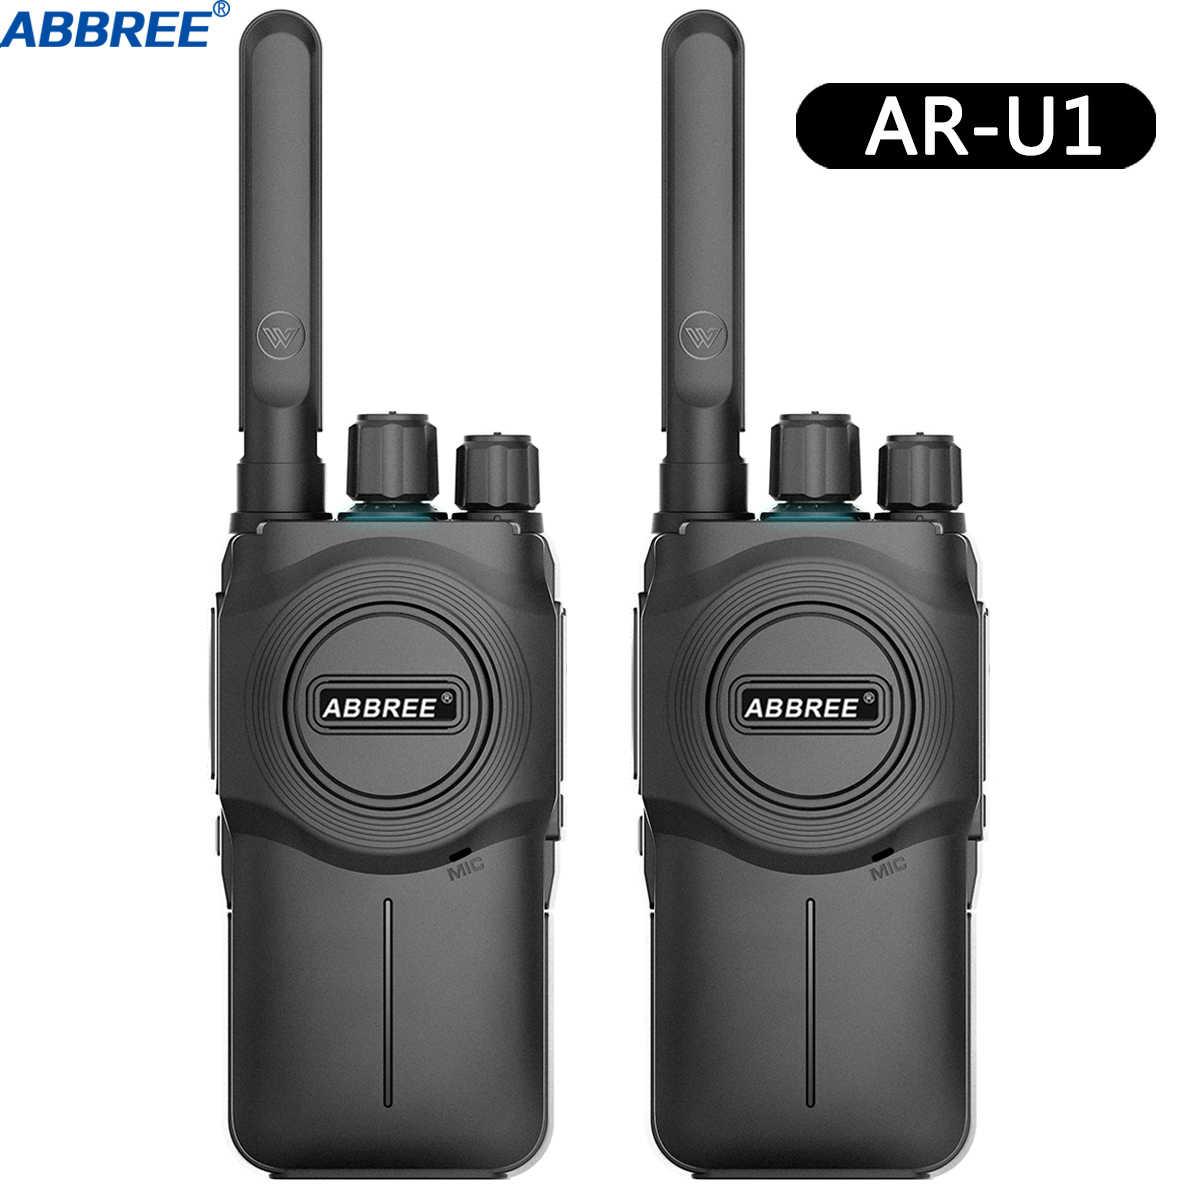 2 шт. ABBREE AR-U1 10 км Большая дальность мощная рация Портативный CB 5 Вт UHF 400-470 МГц любительский двухполосный радиоприемник